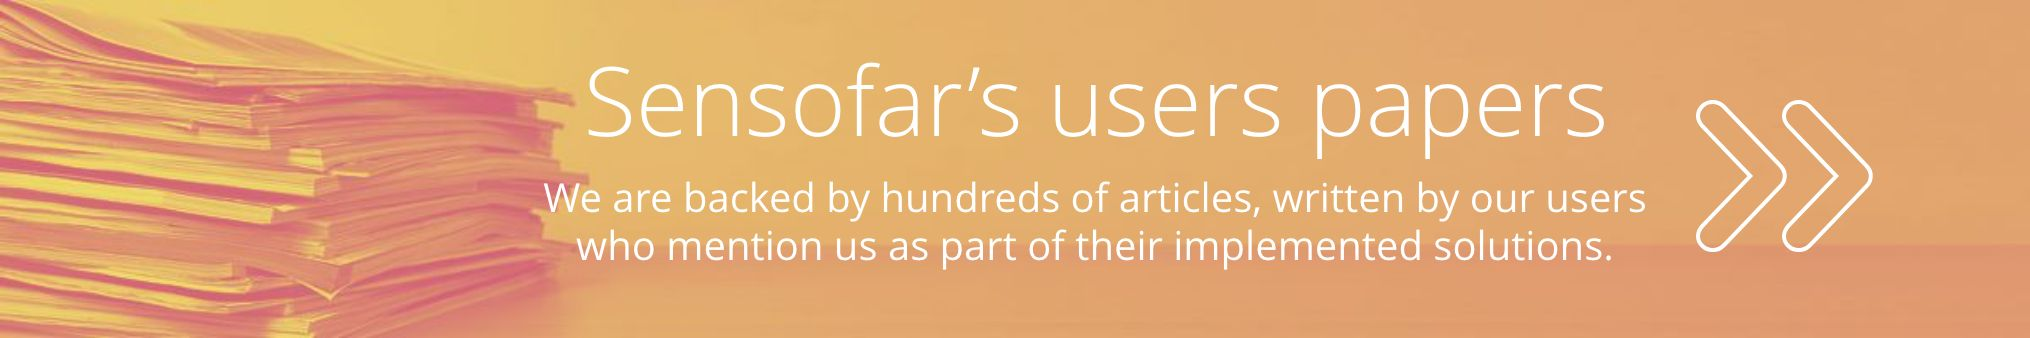 Sensofar's users papers banner